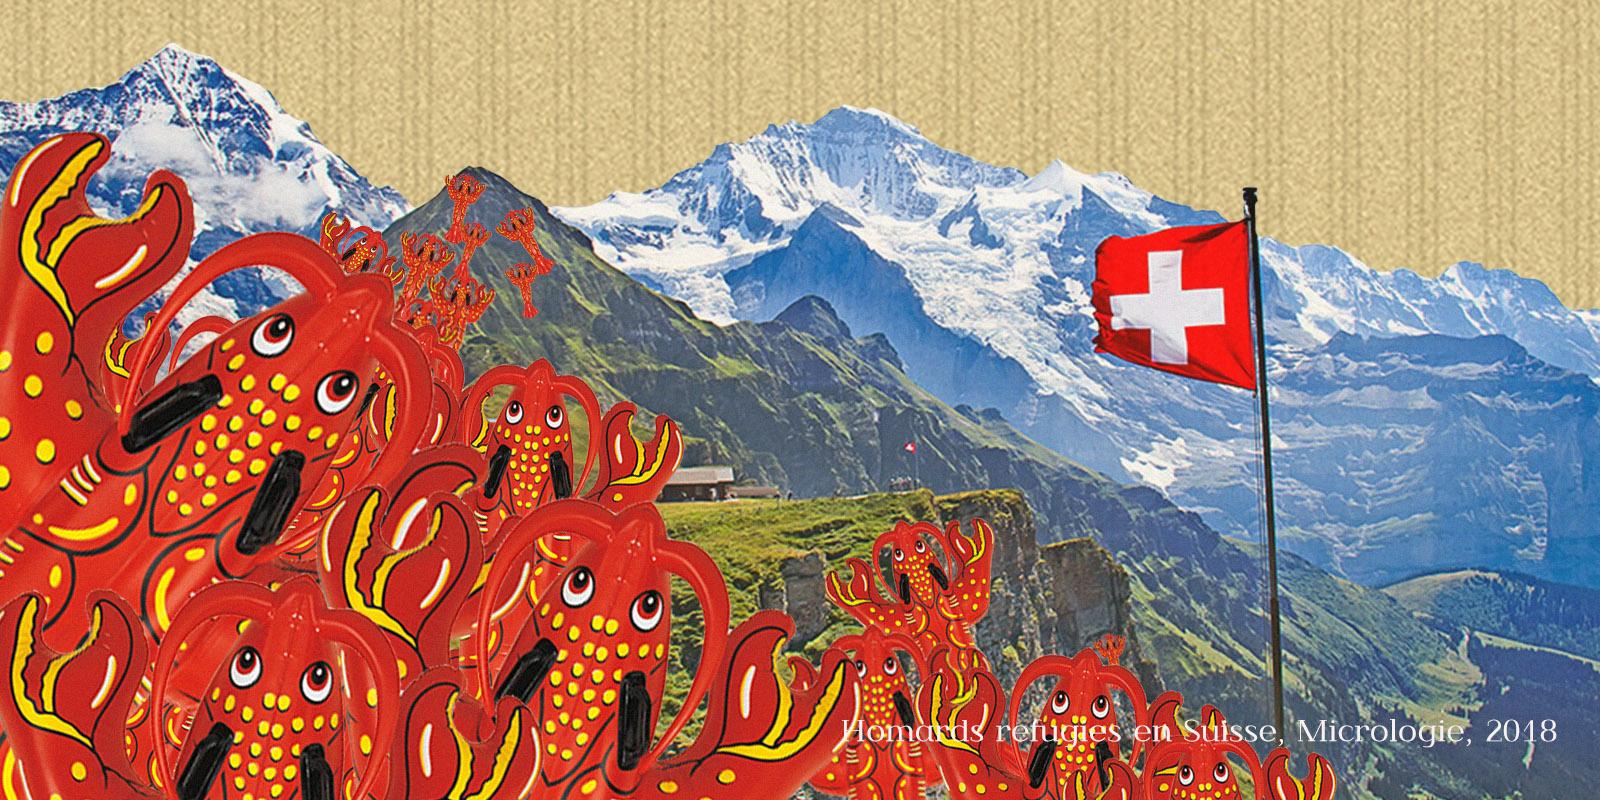 homards réfugiés en suisse, micrologie